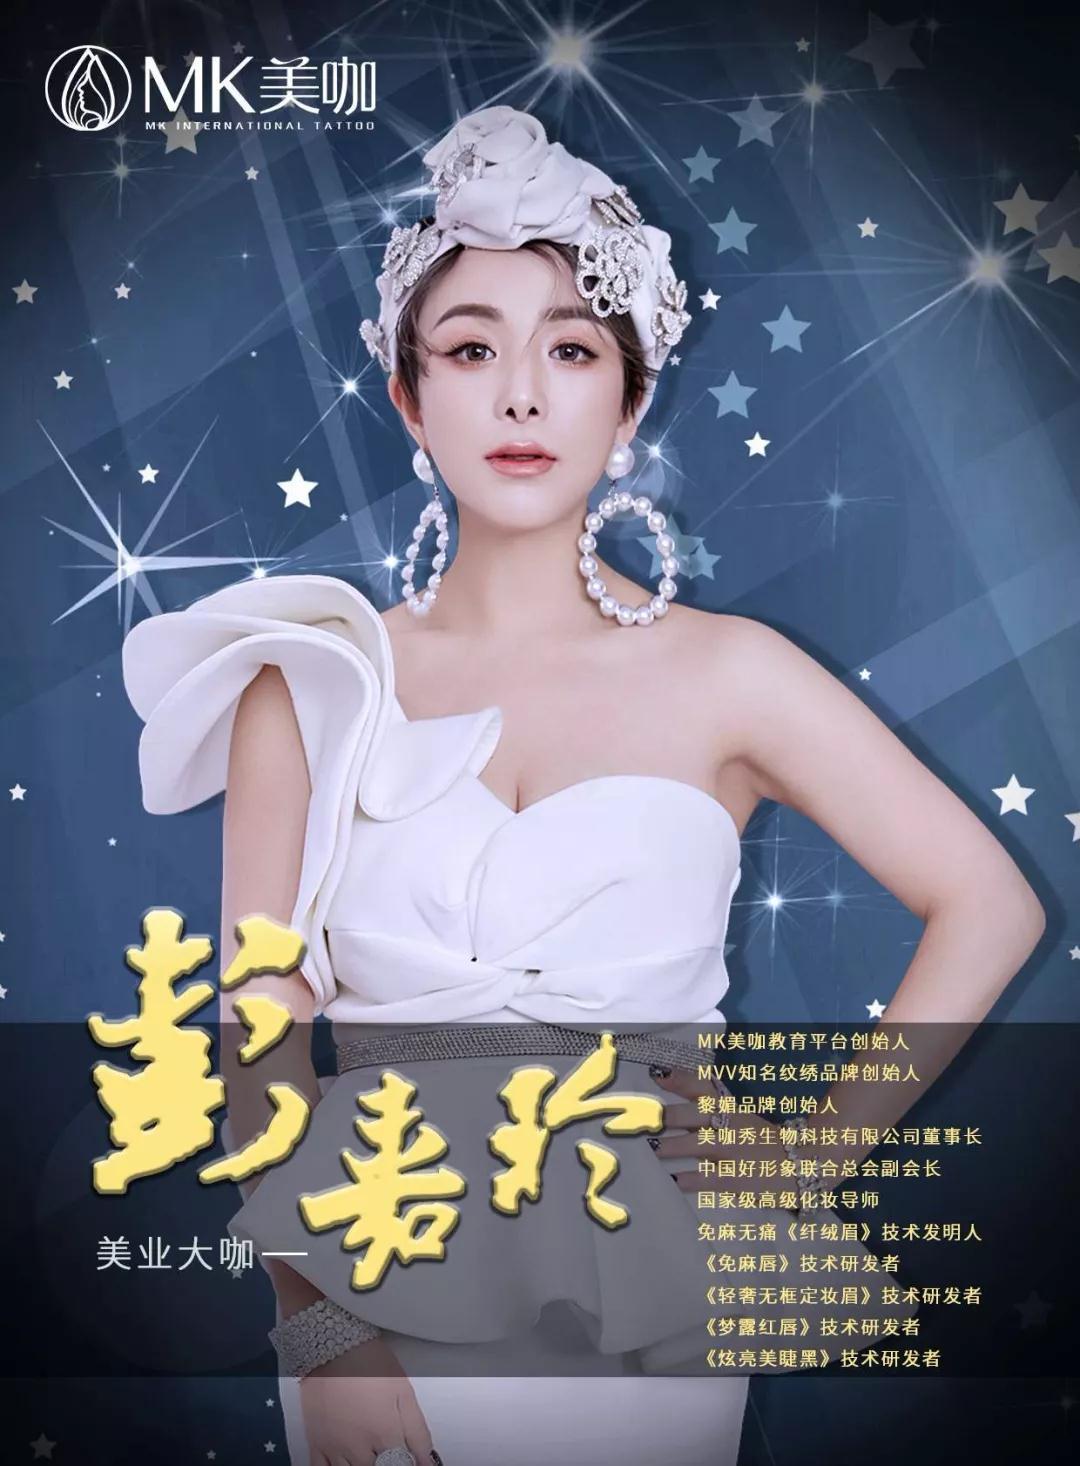 mk美咖创始人彭嘉玲